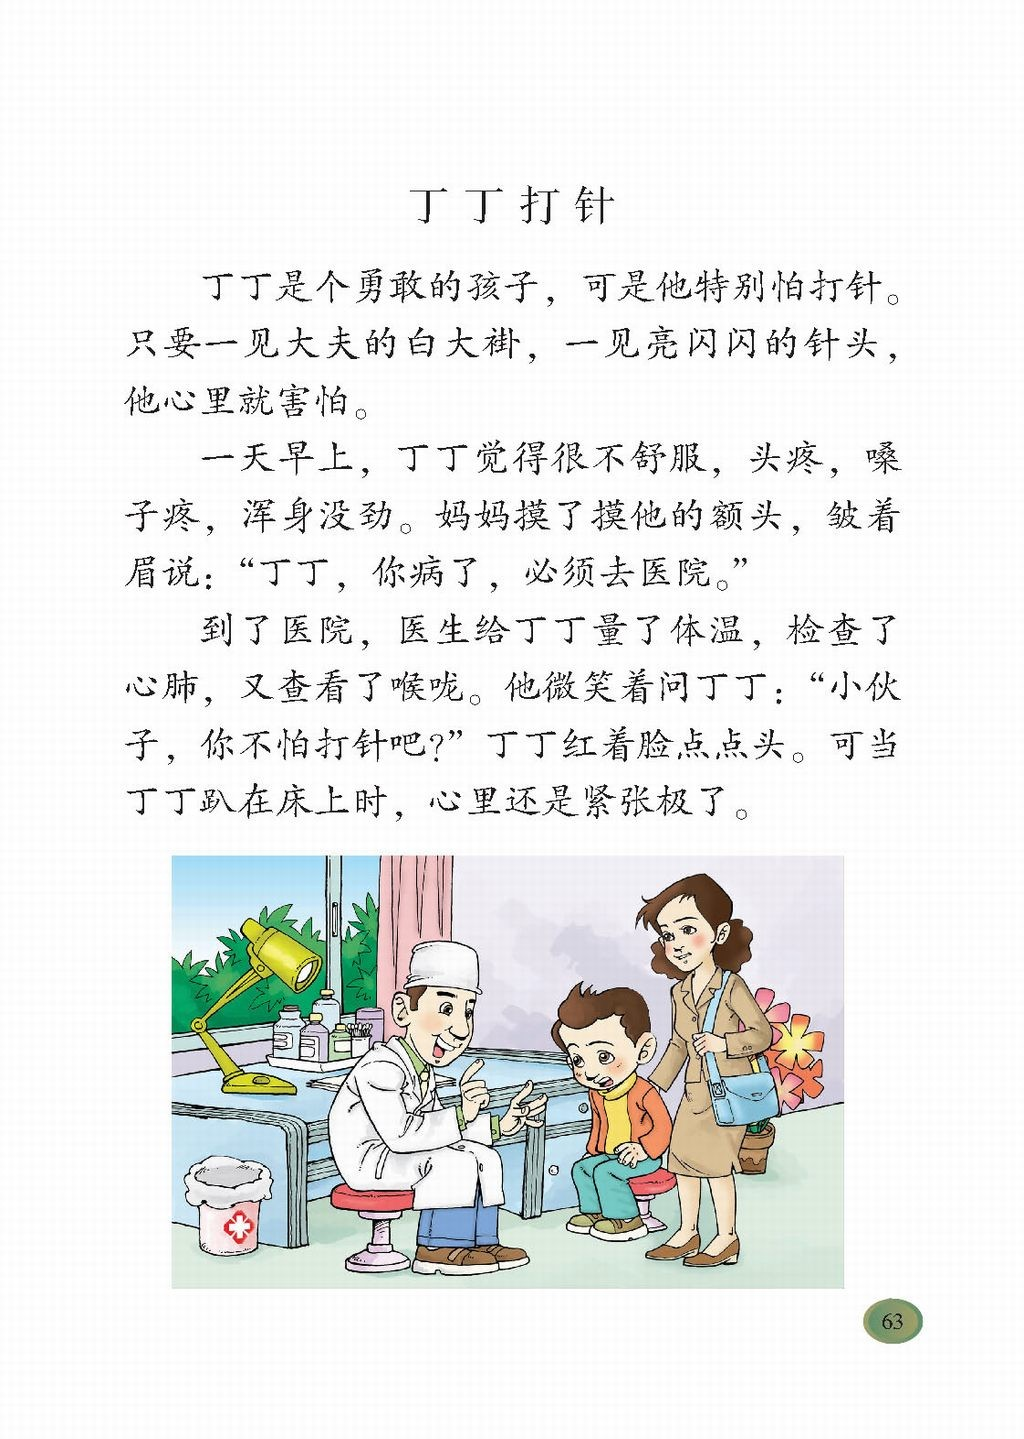 北师大版二年级语文下册第7单元 丁丁冬冬学识字(二)